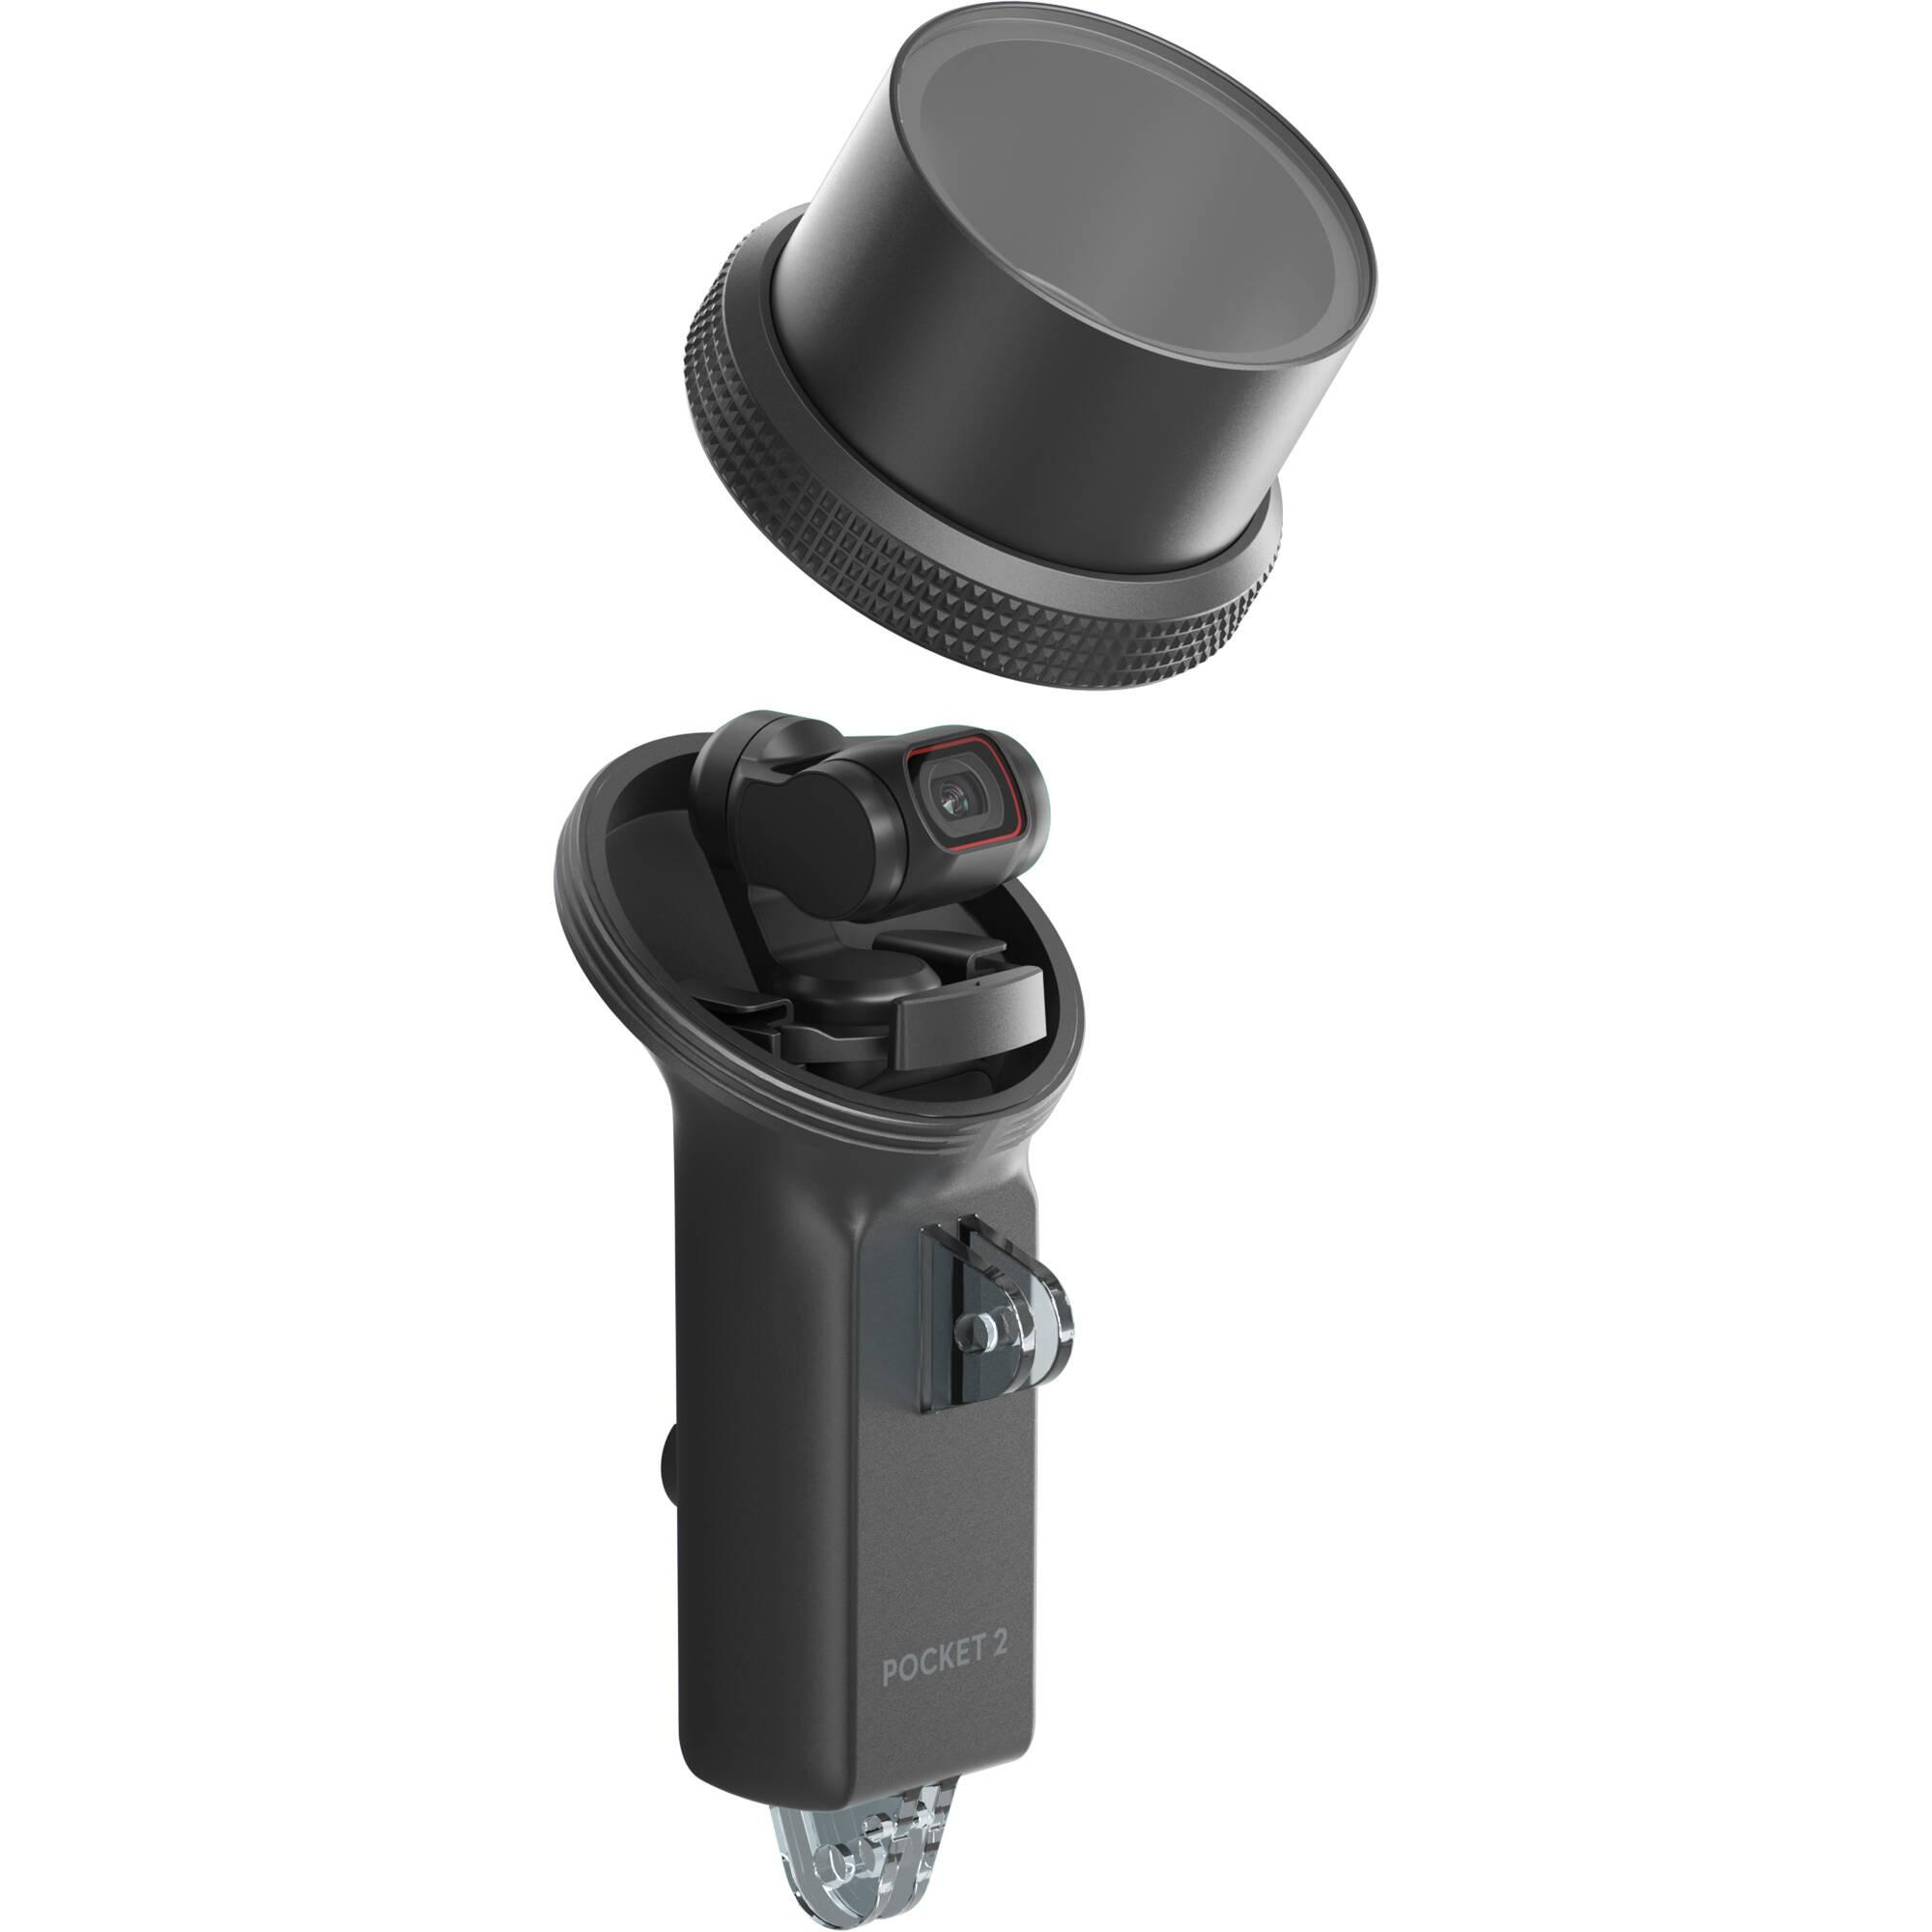 DJI Pocket 2 Waterproof Case thiết kế thông minh, tiện lợi